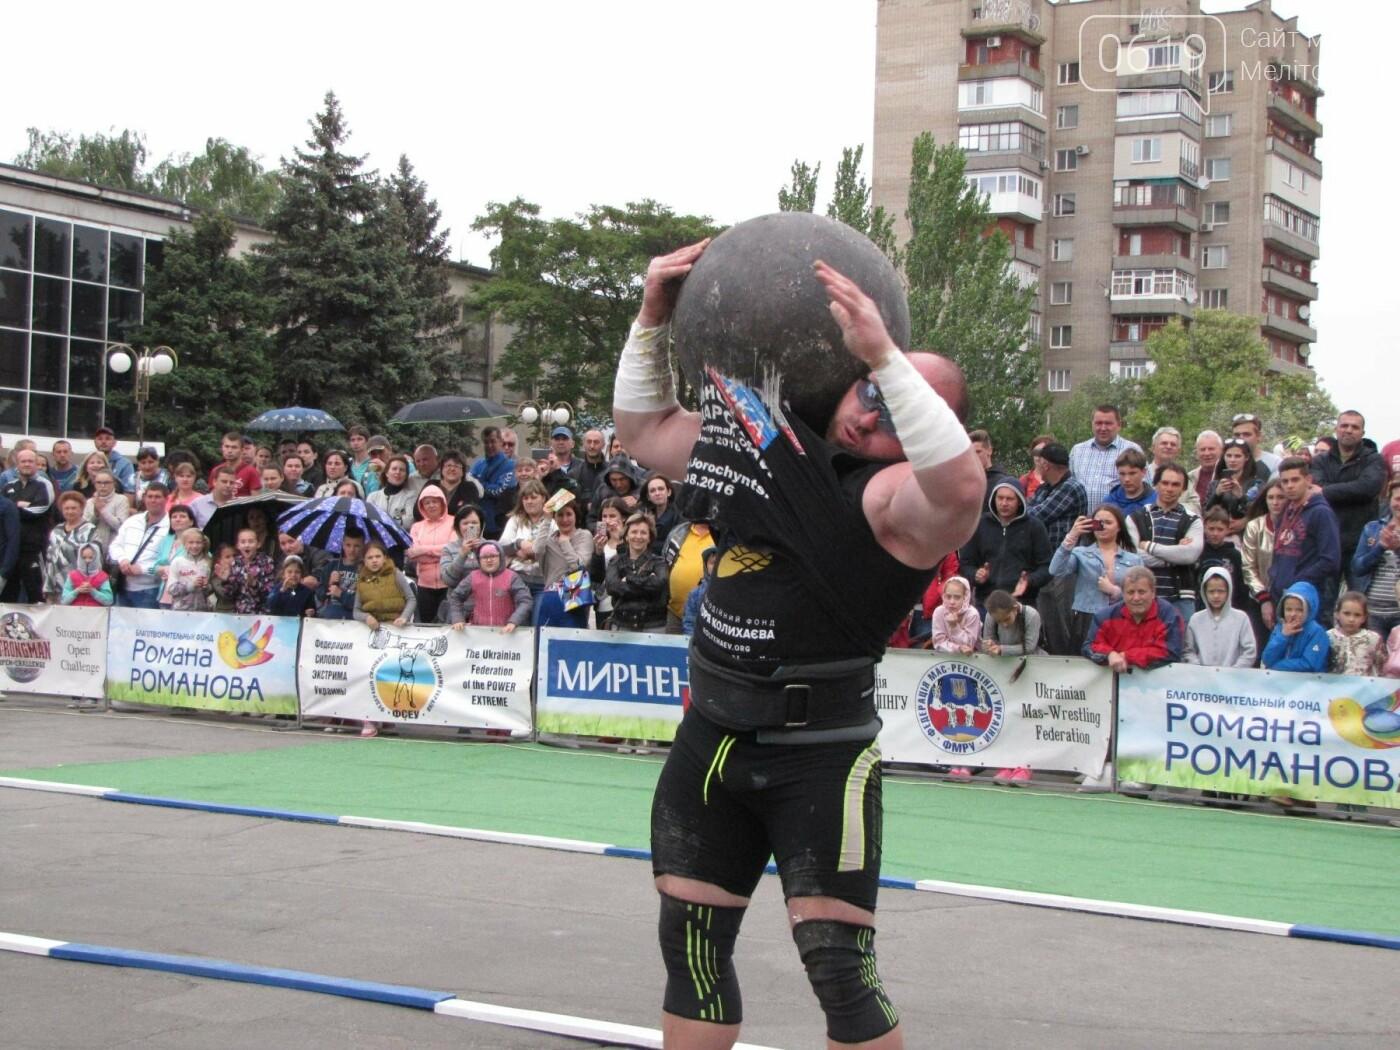 Три победы за неделю: мелитопольский богатырь выиграл второй этап международного чемпионата, фото-28